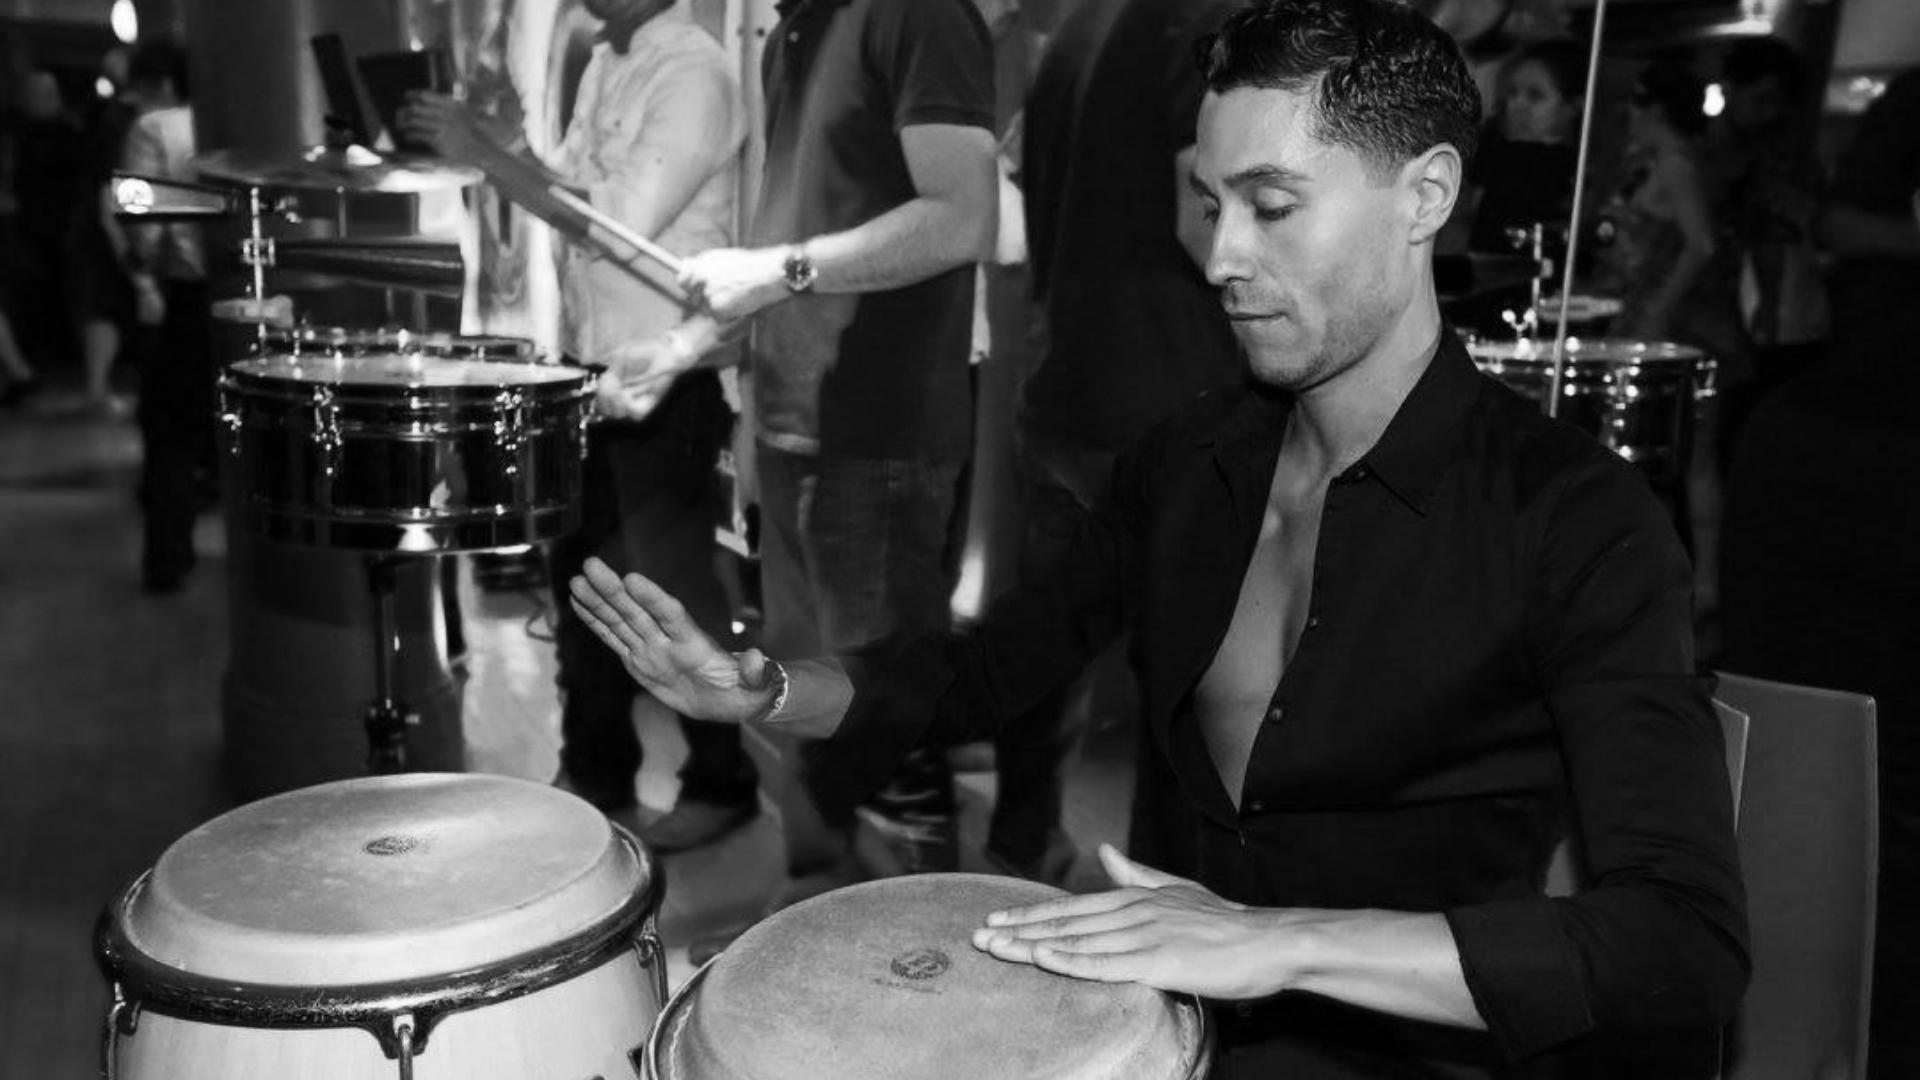 Rhythms in Salsa: Dance Applications